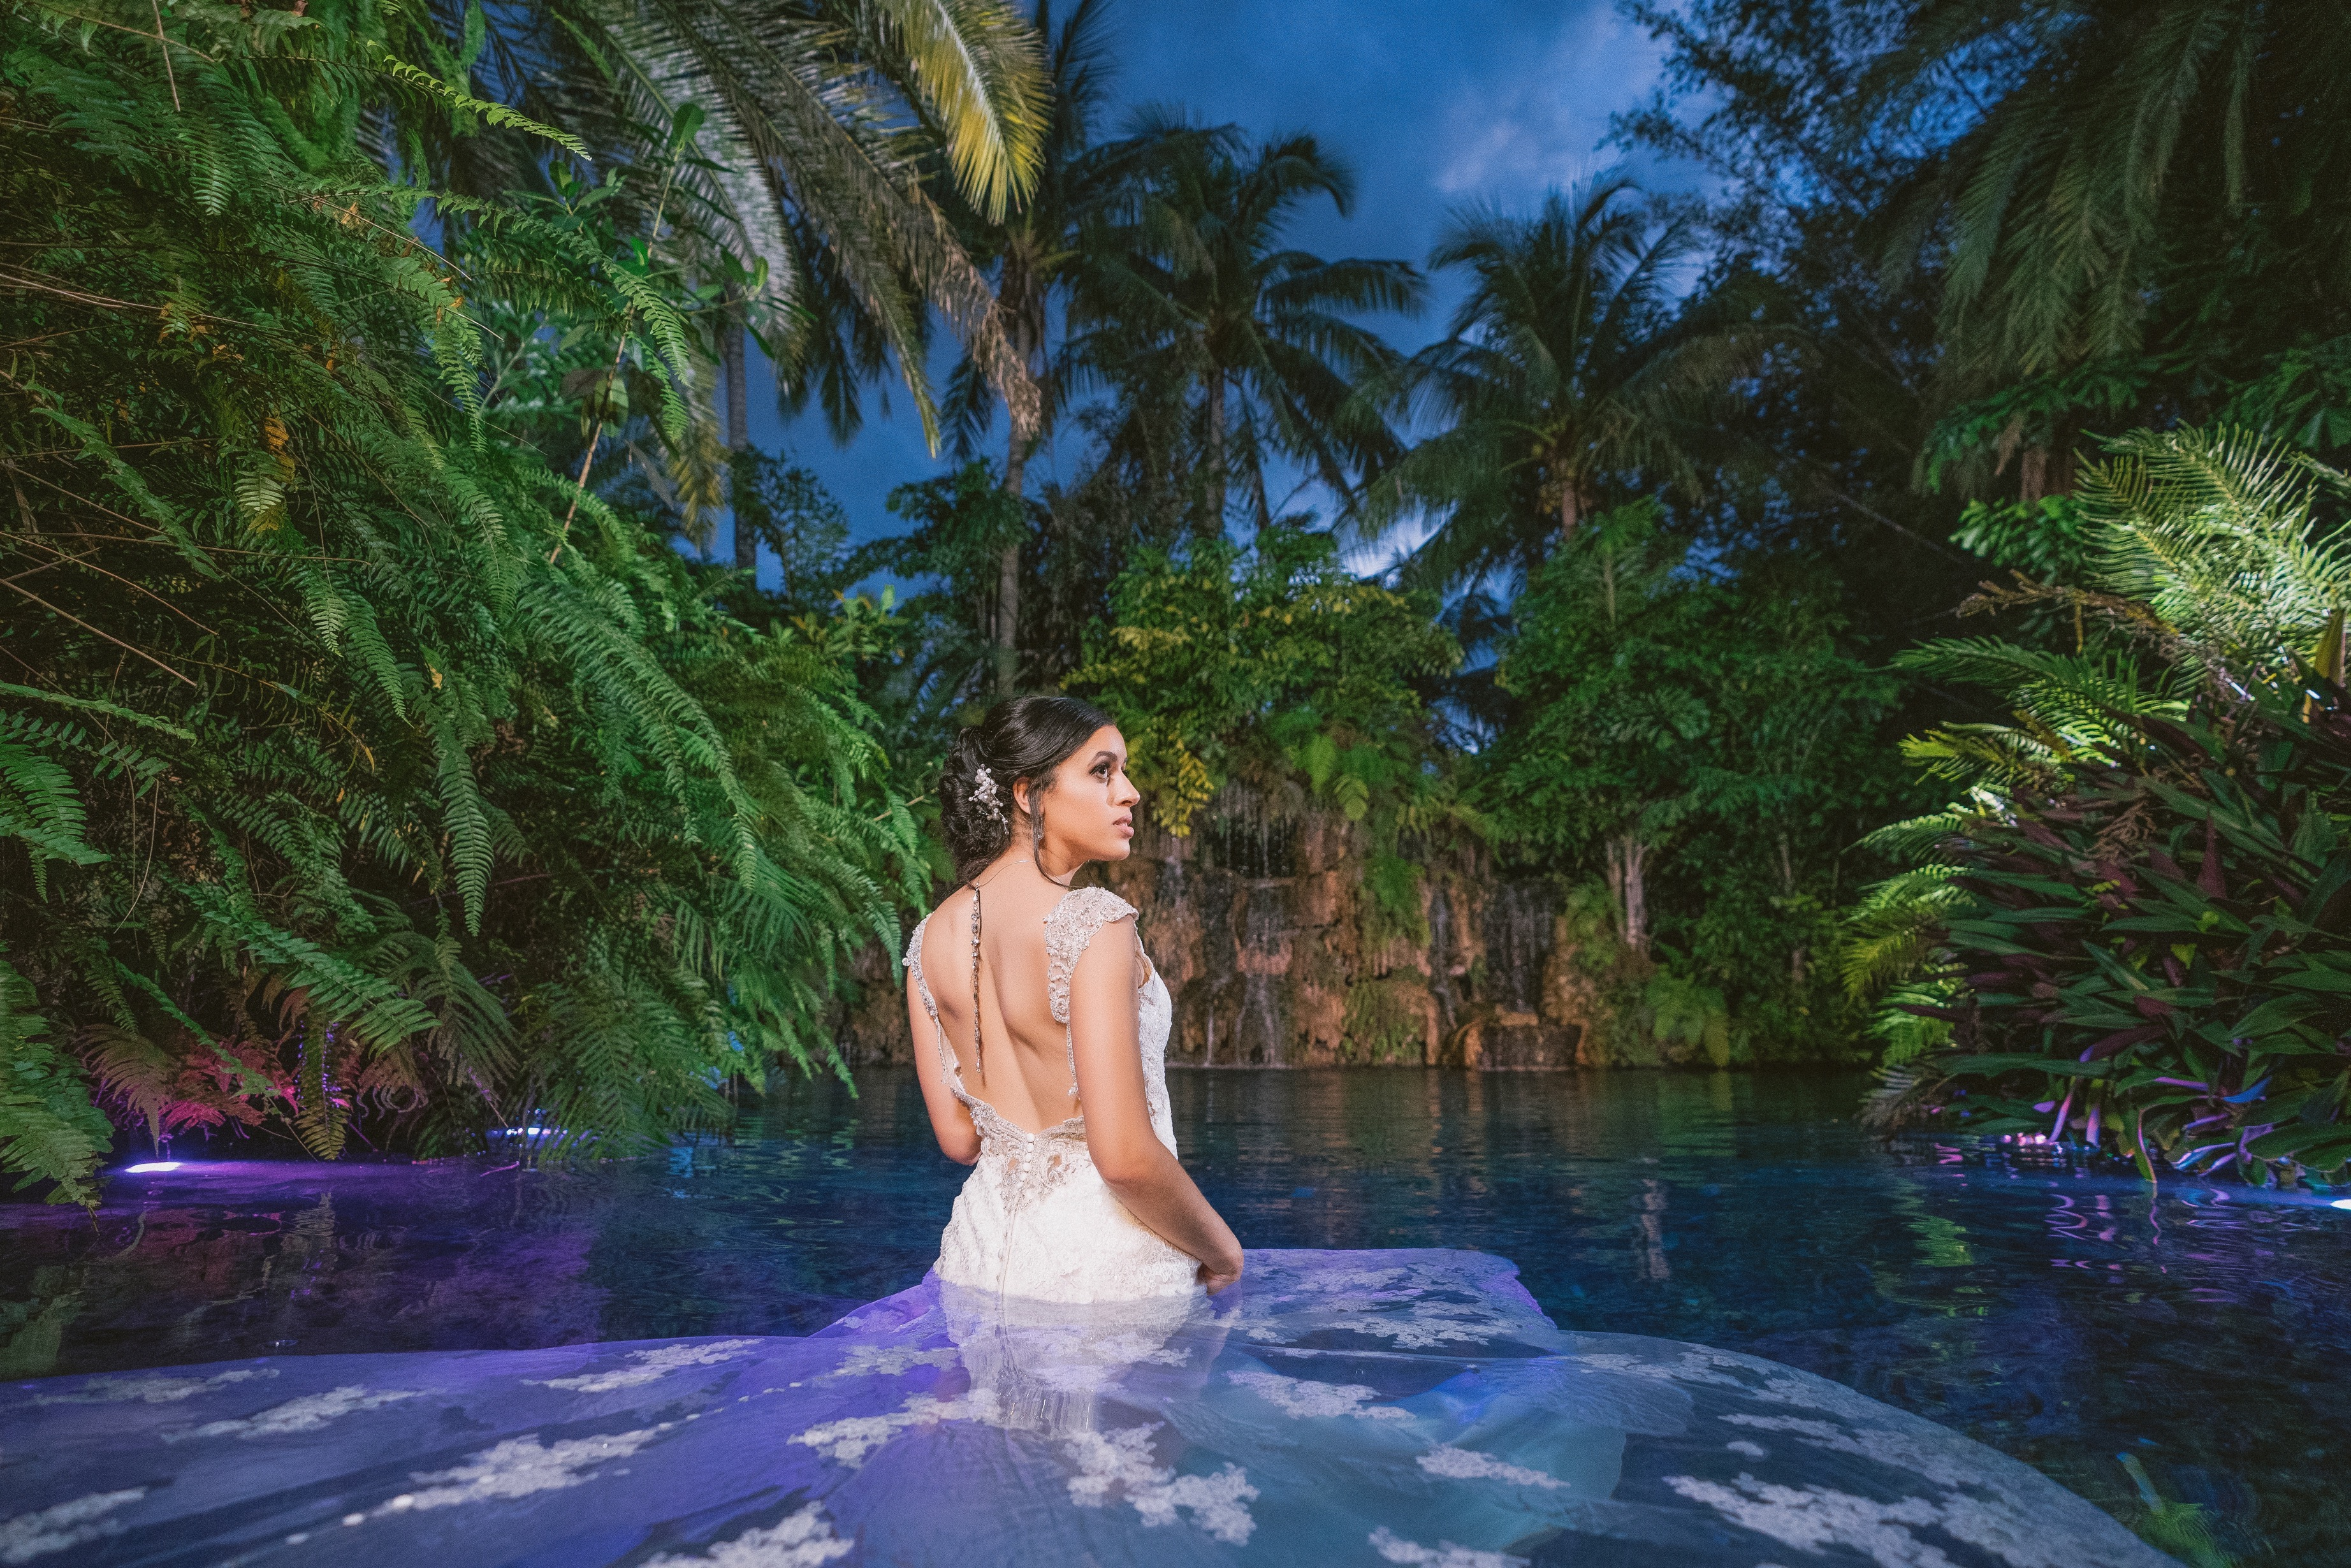 bride inside the water in dress